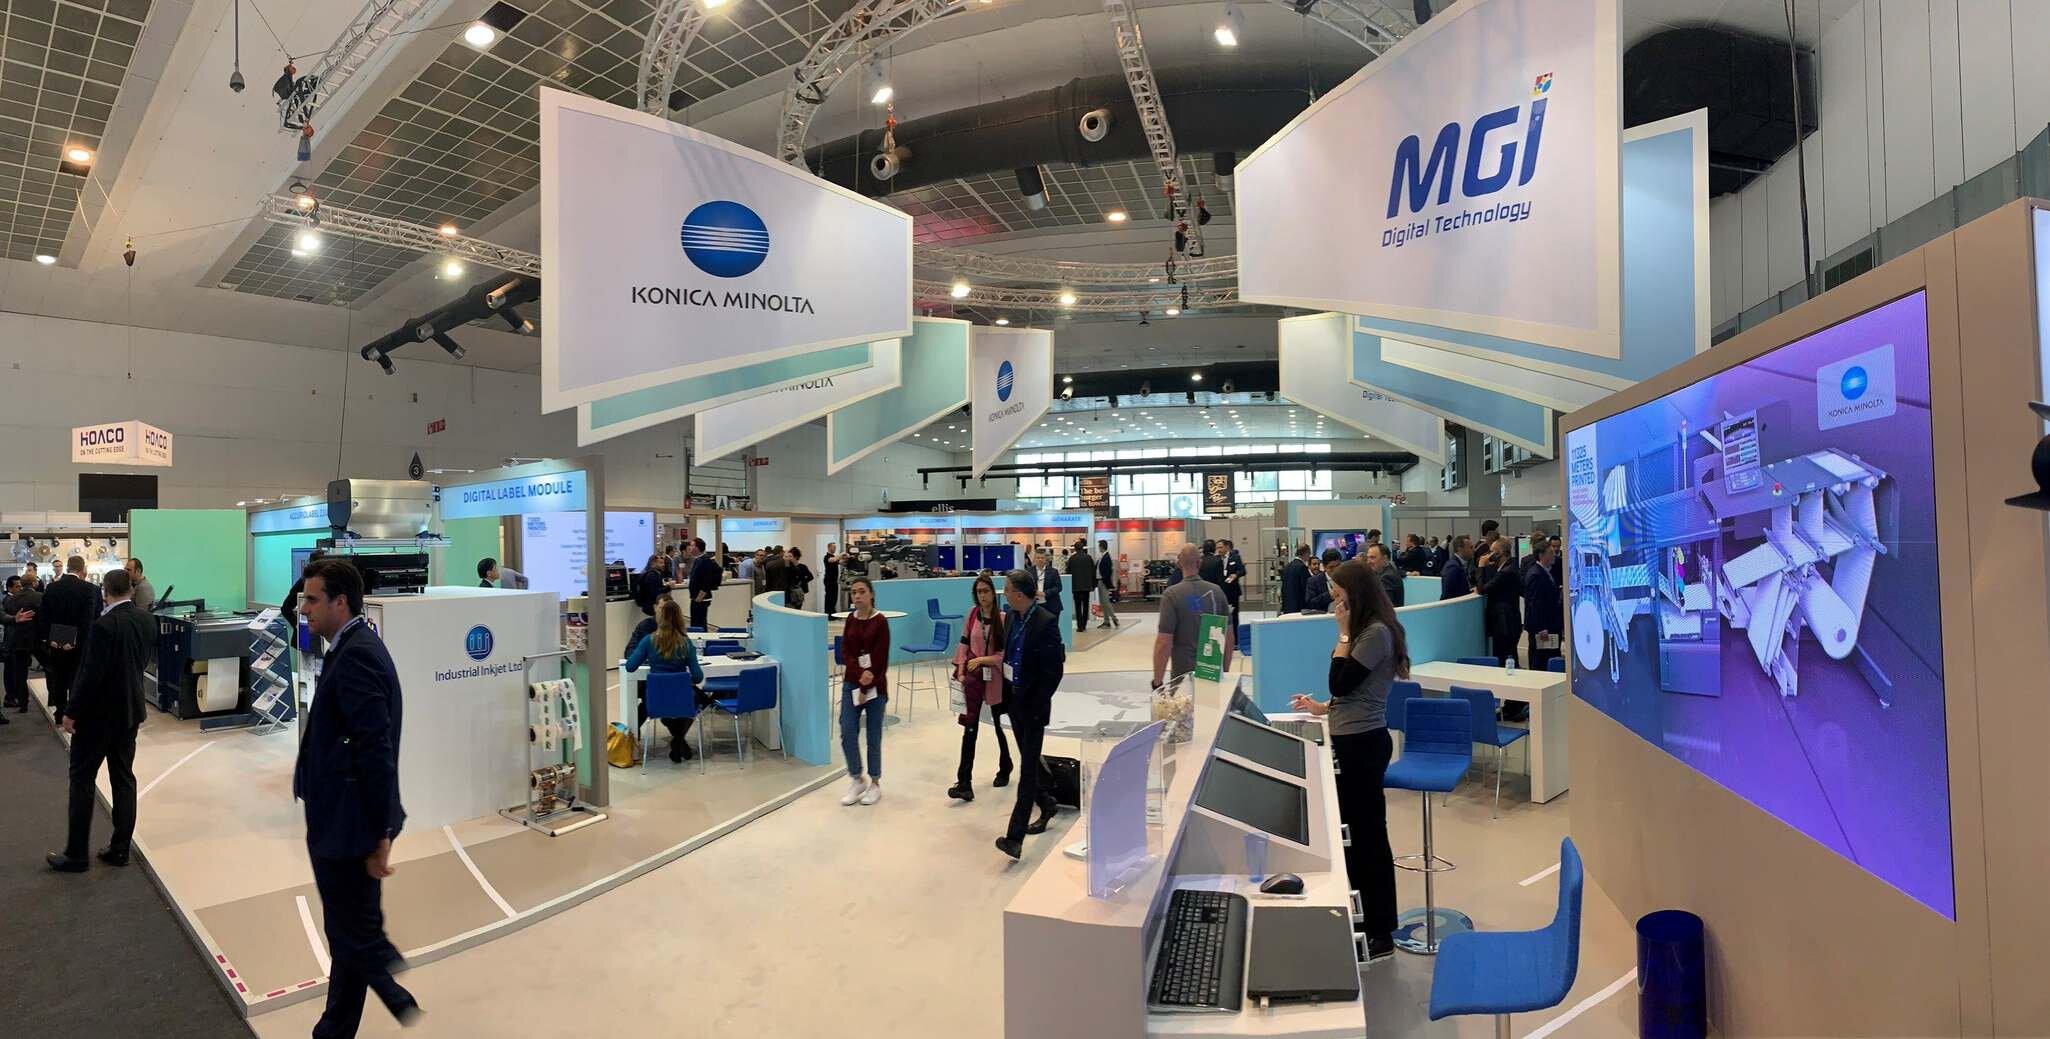 Konica Minolta e MGI a Labelexpo image 2